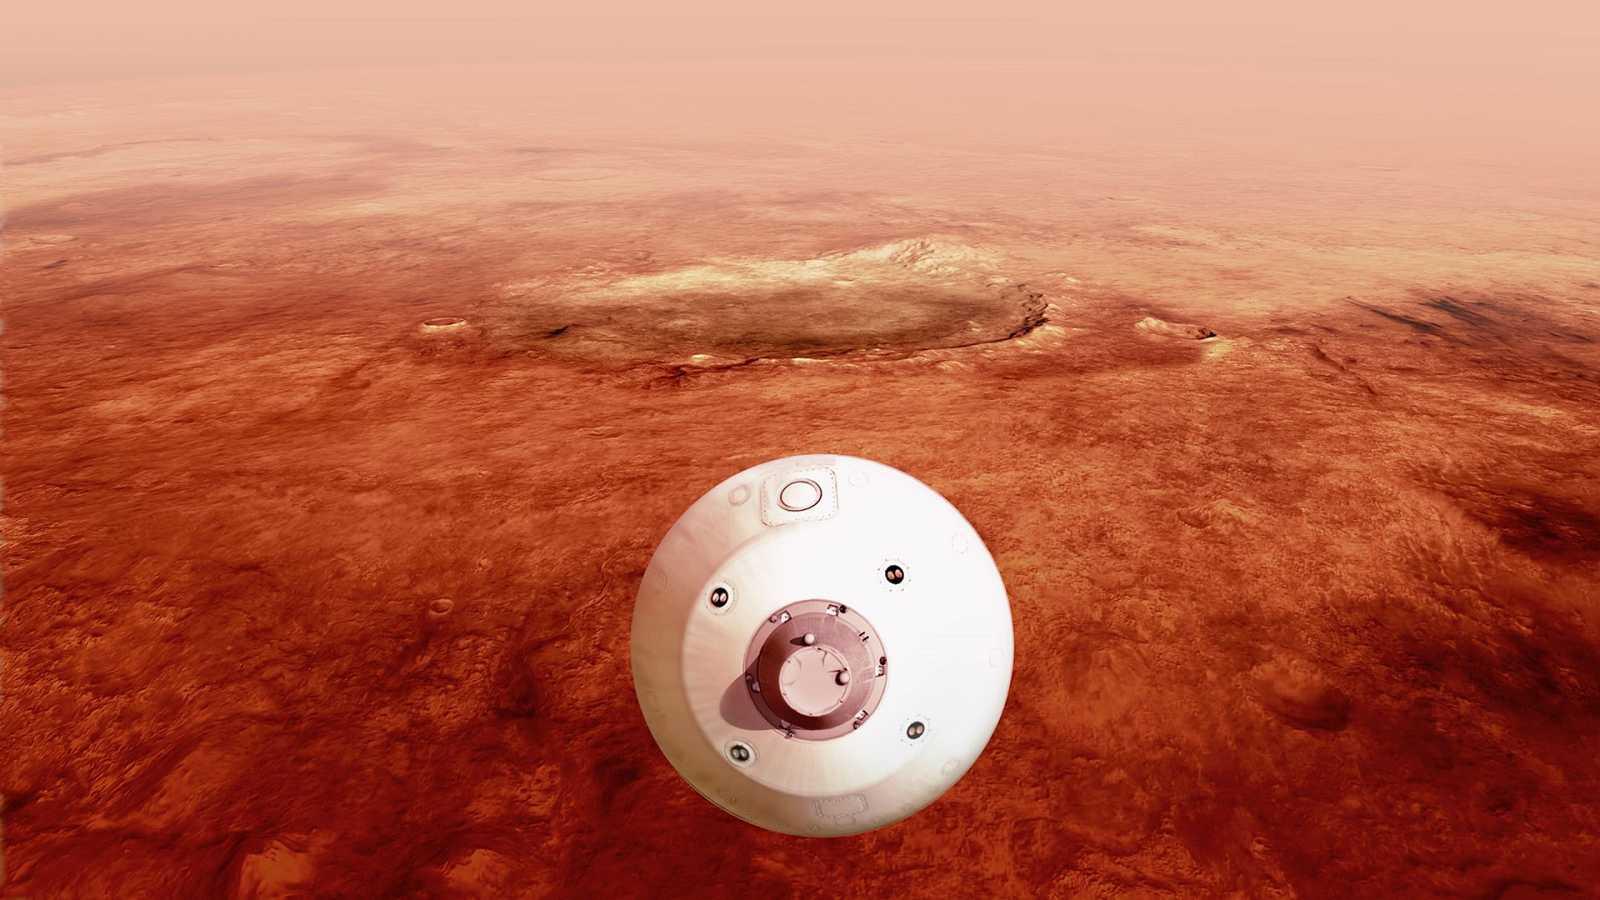 Españoles en la mar - El inmenso océano que hubo en Marte - 22/02/21 - escuchar ahora